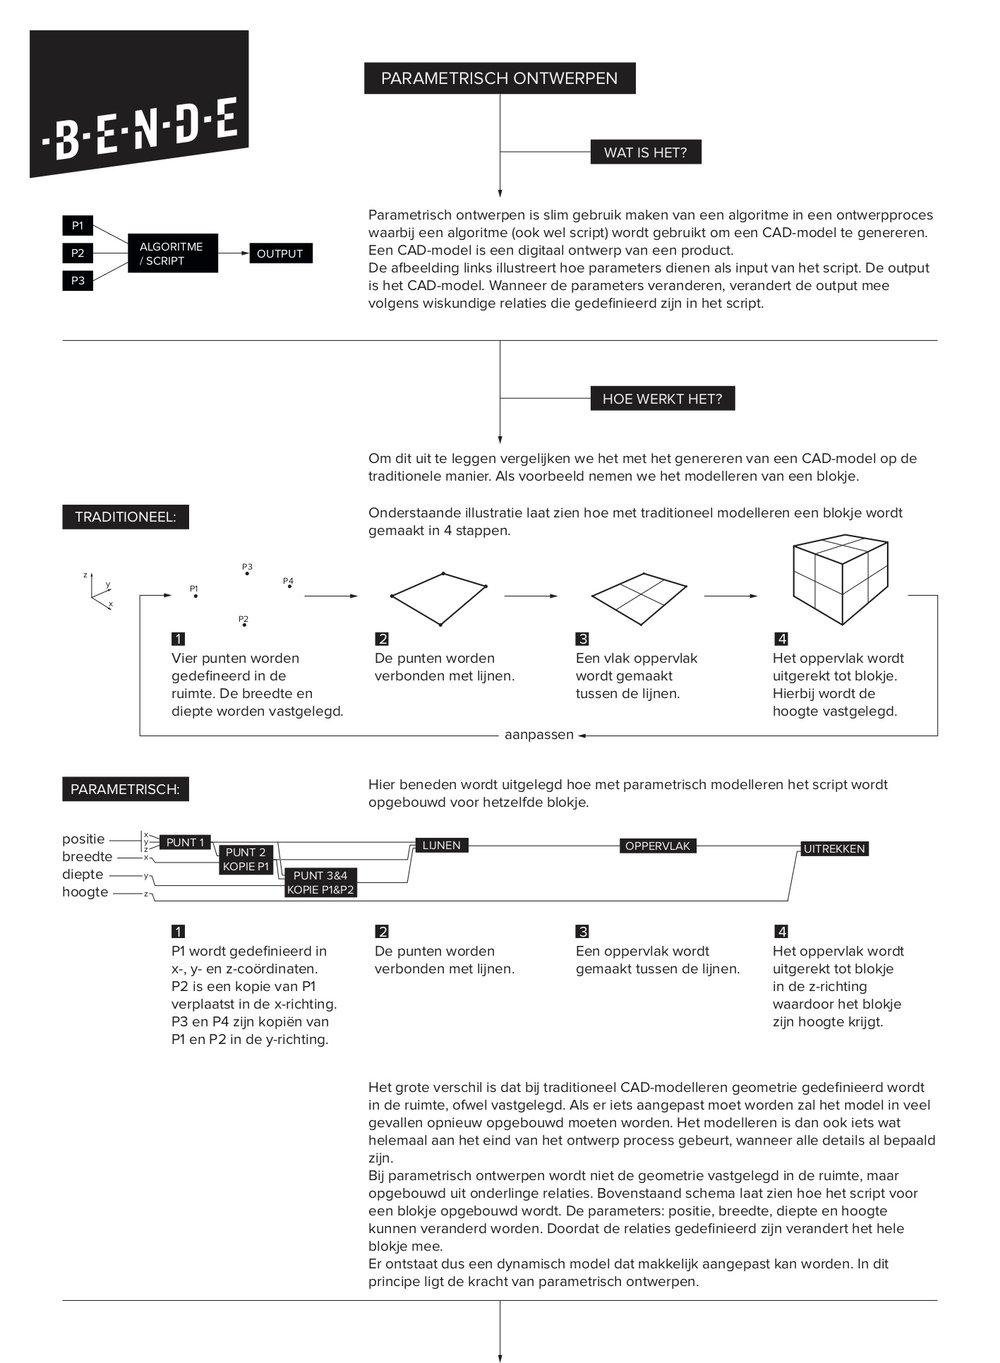 parametrisch ontwerpen_samengevat_1.jpg